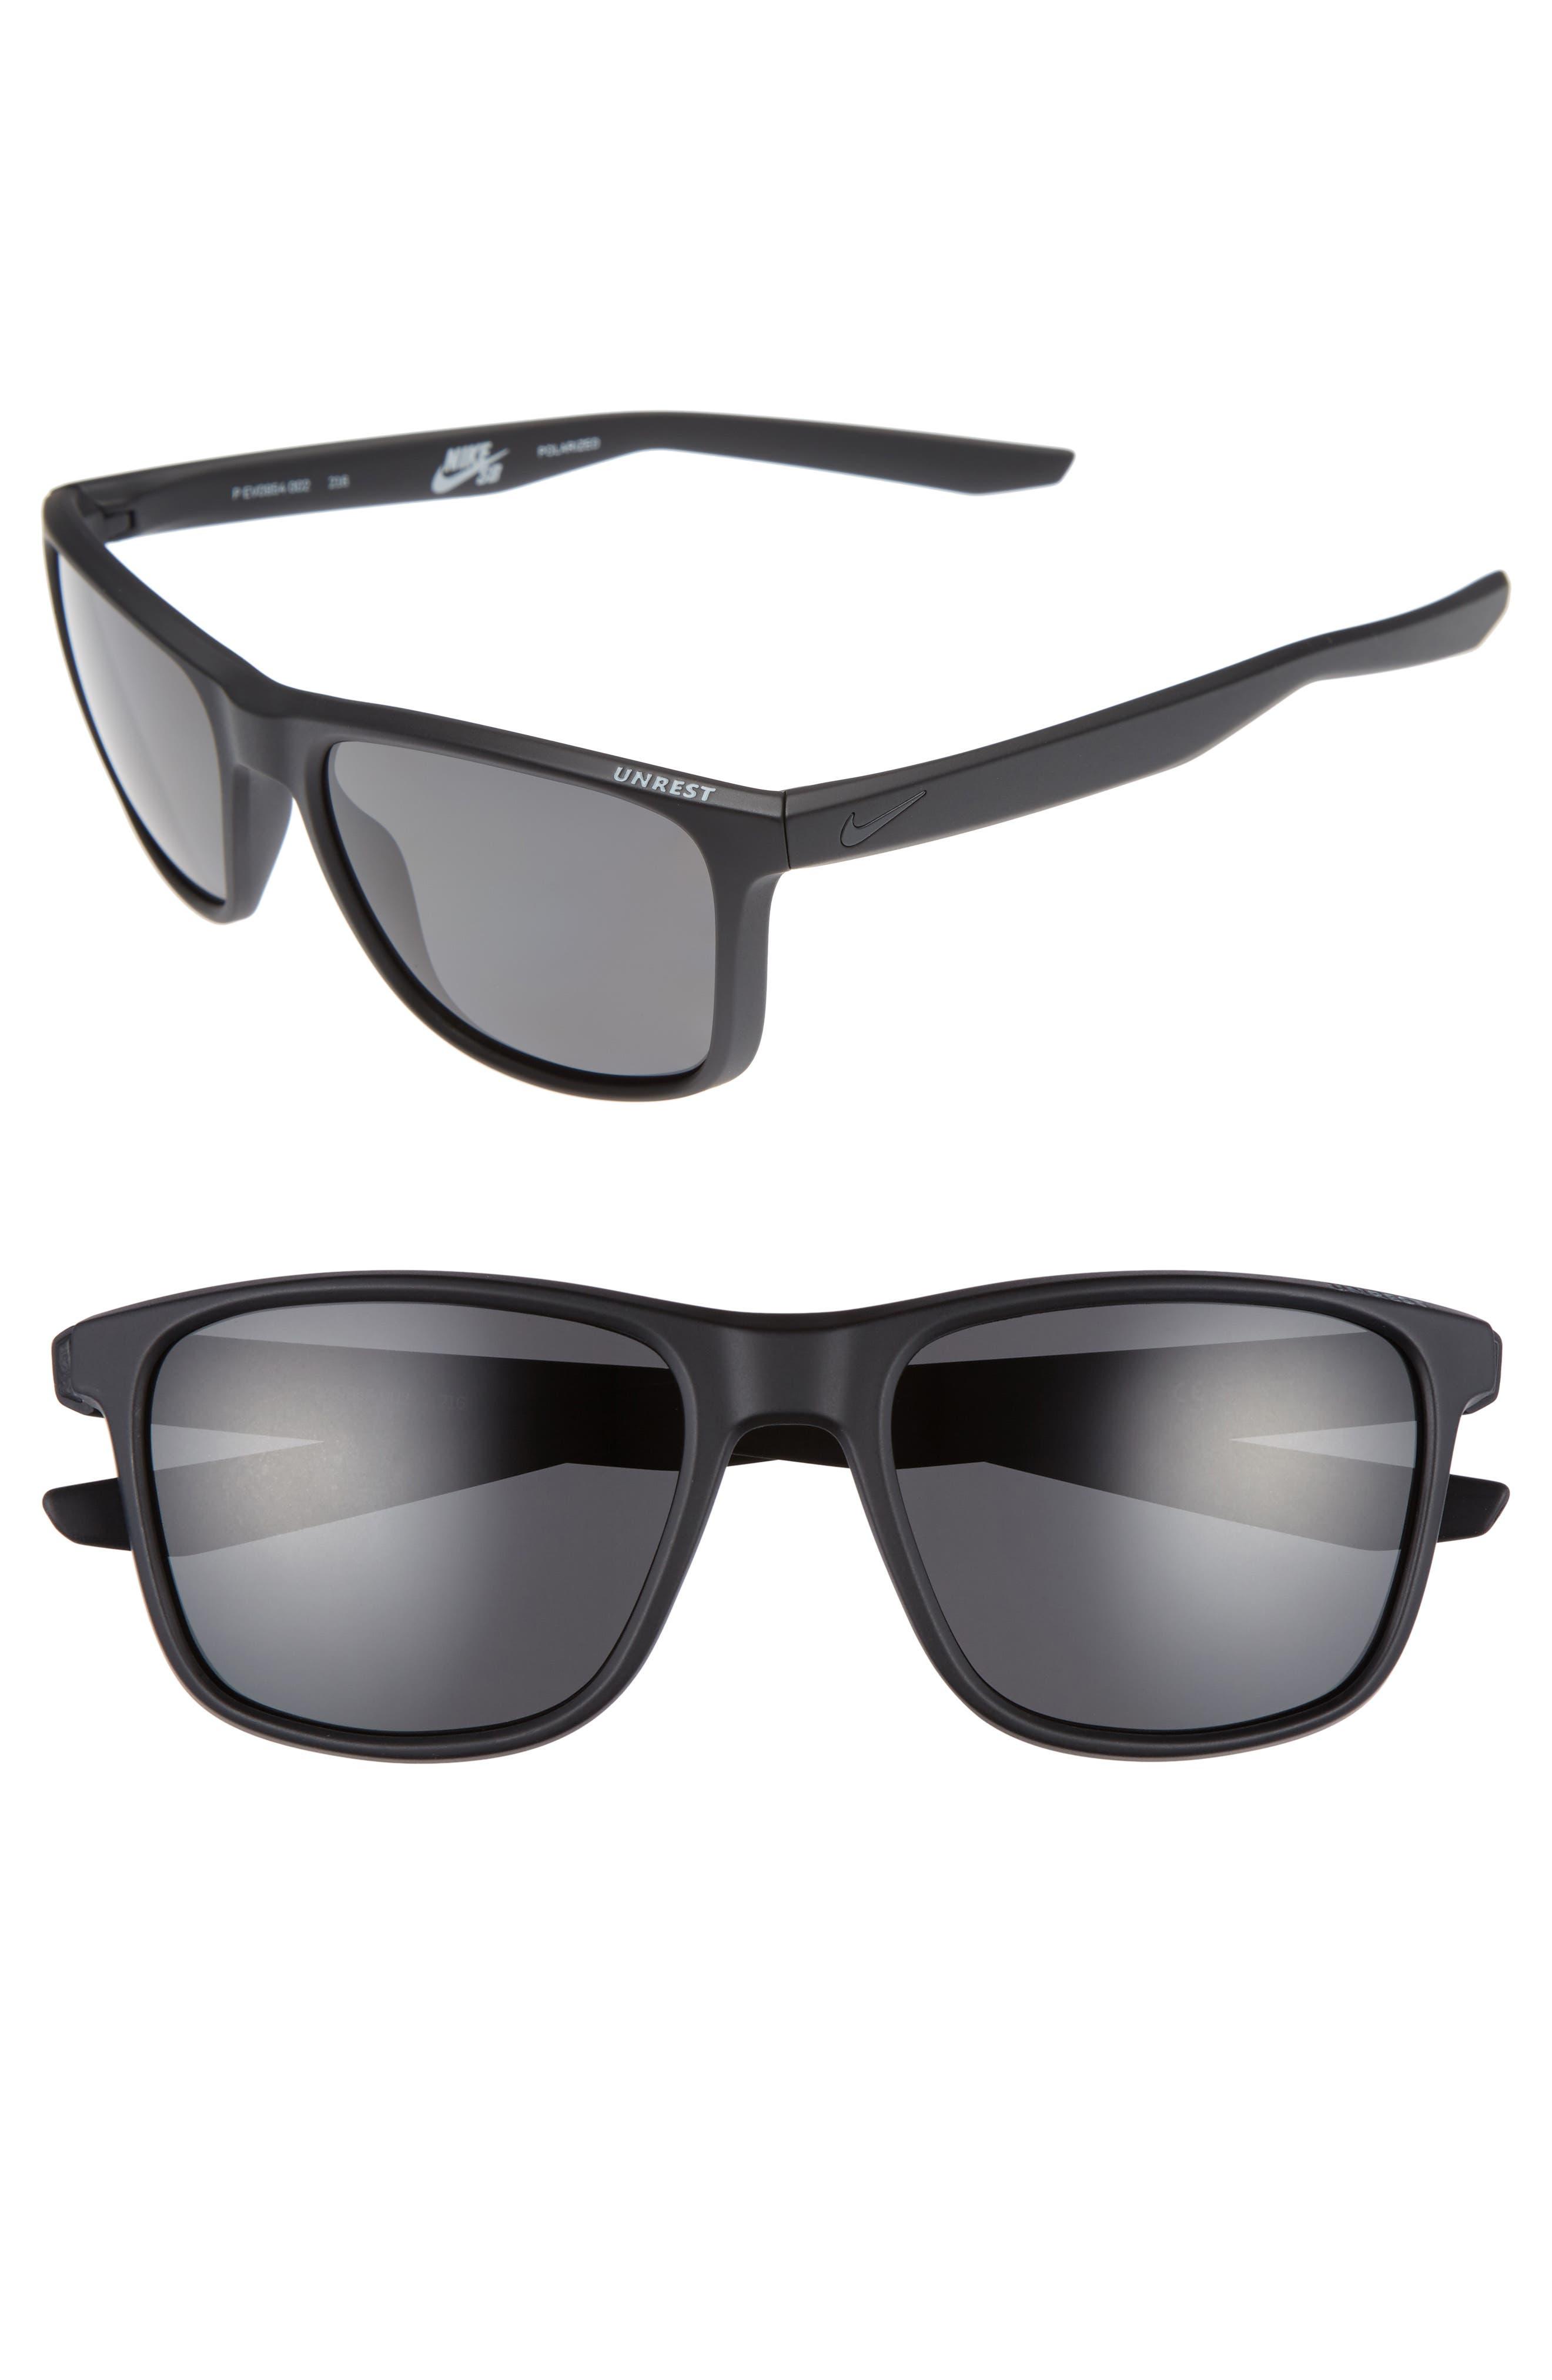 Unrest 57mm Polarized Sunglasses,                         Main,                         color, Matte Black/ Deep Pewter